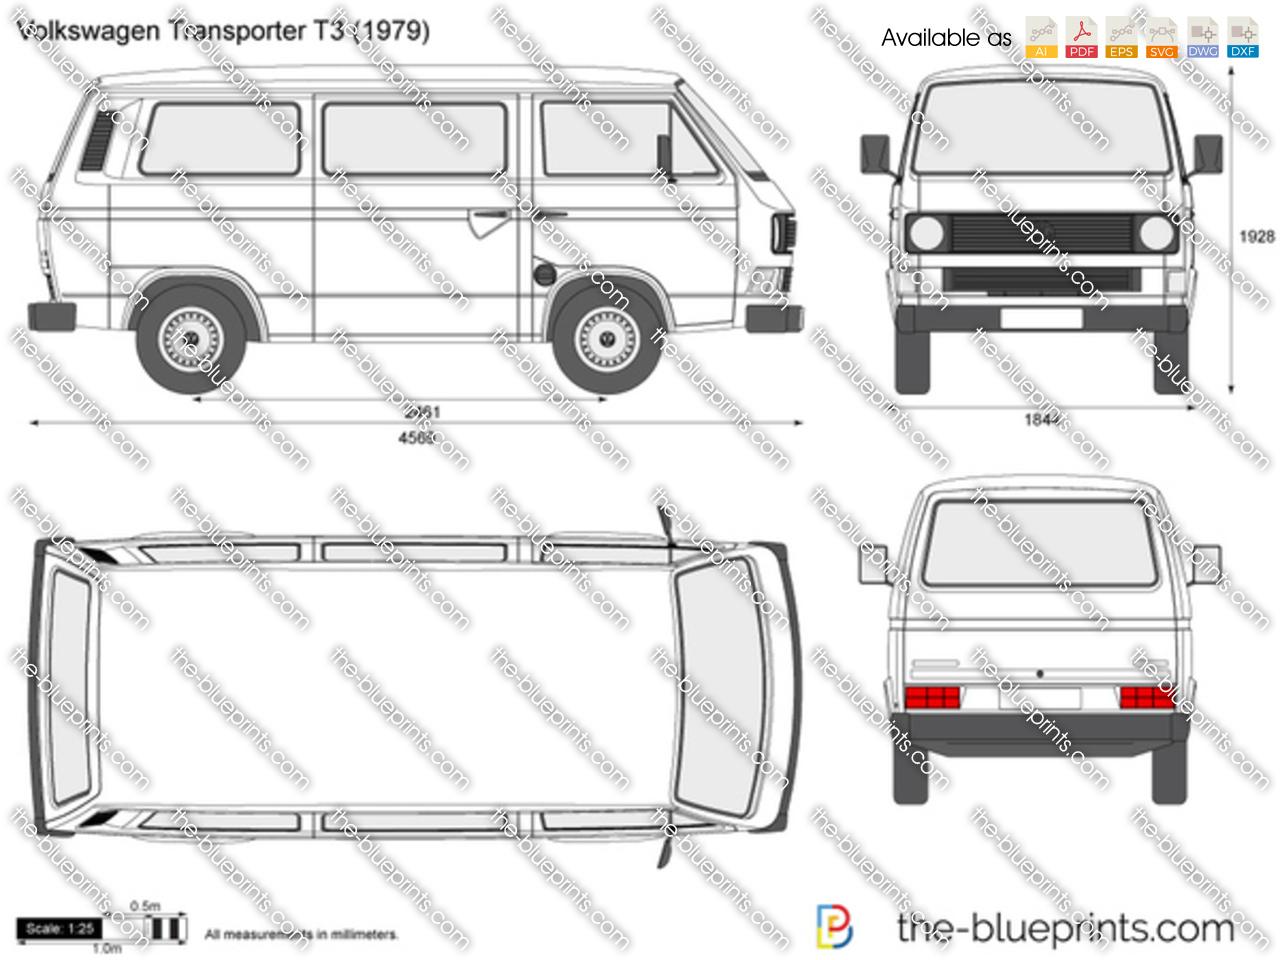 Volkswagen Transporter T3 1985